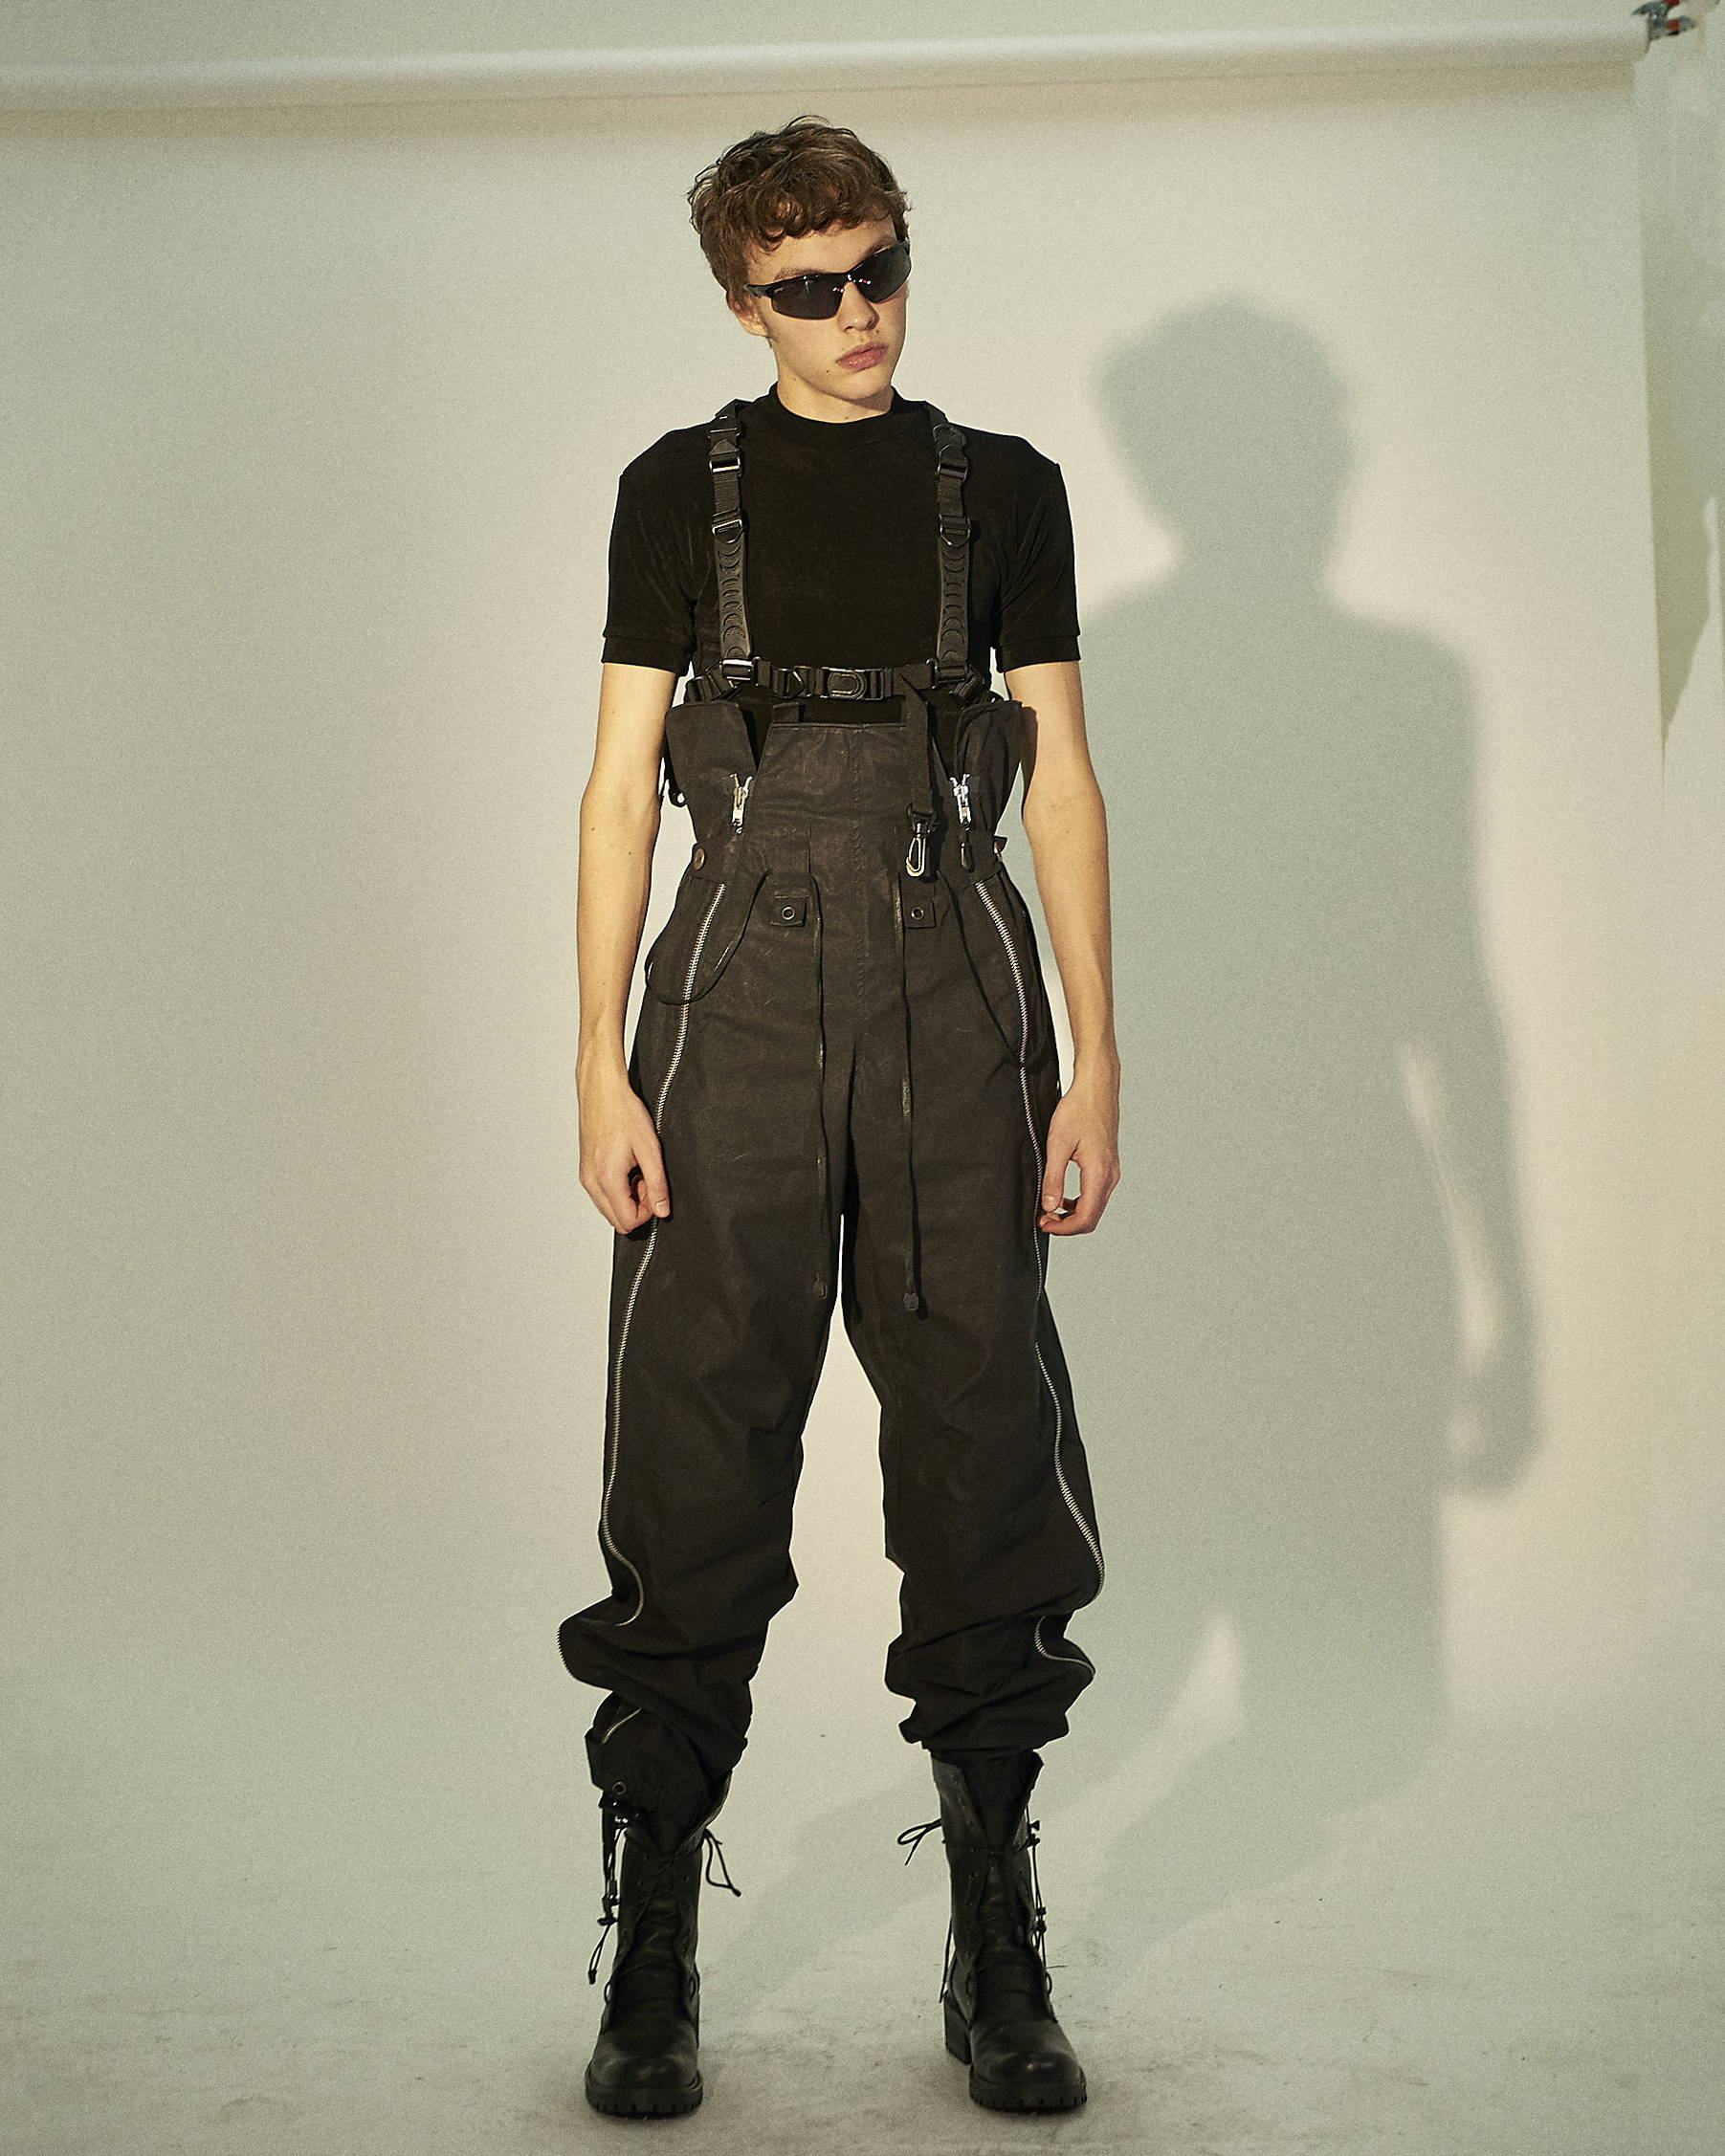 Blackmerle FW18 Waxed Cotton Trouser - Hlorenzo